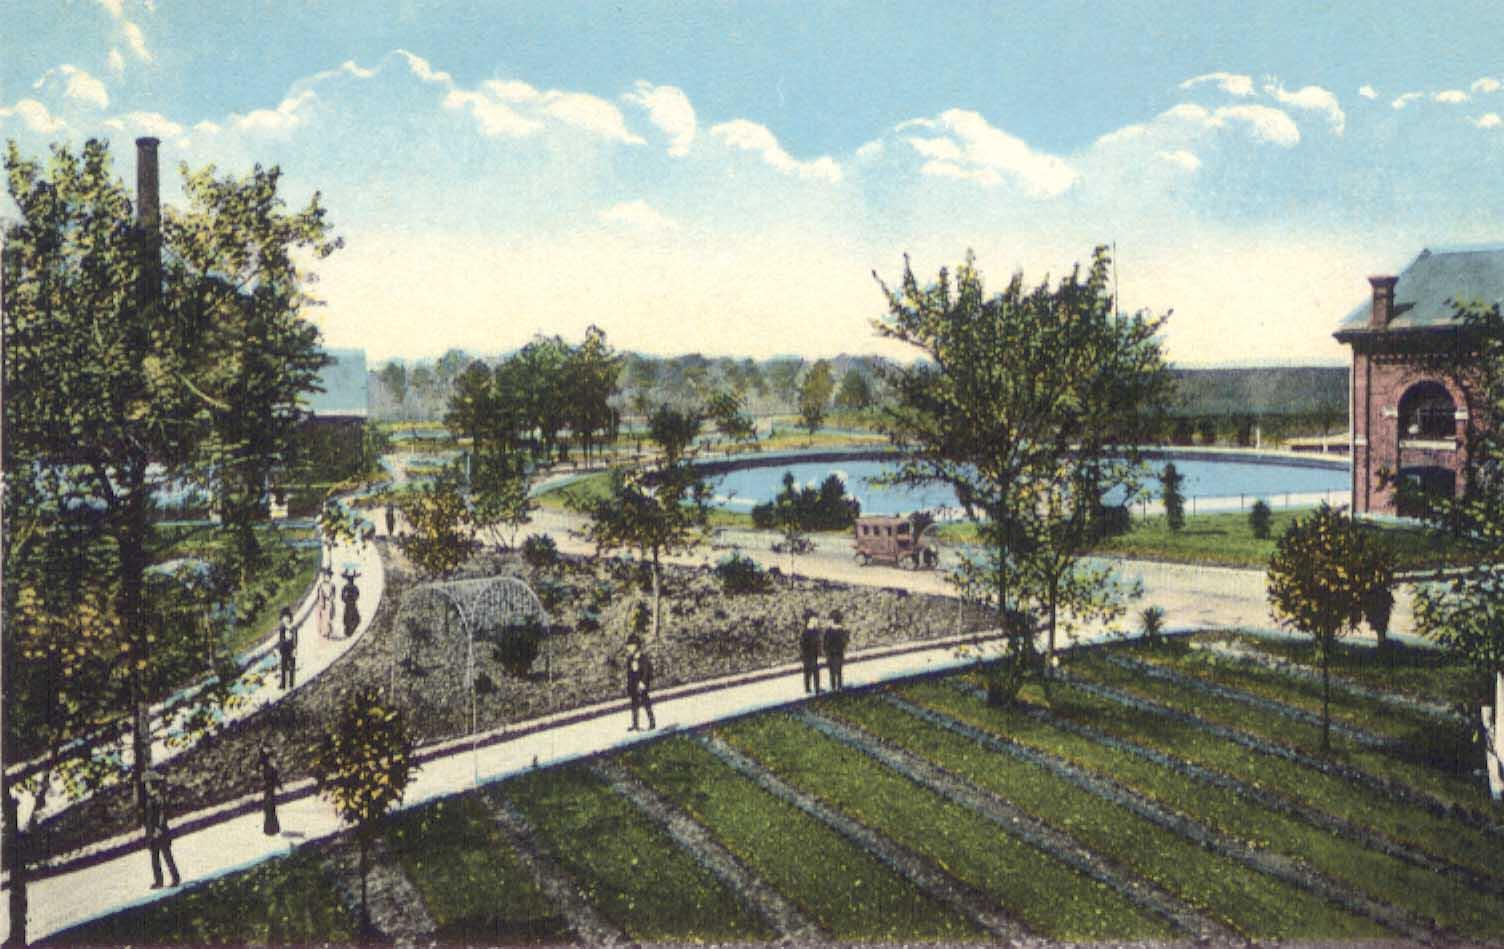 Irwin Park